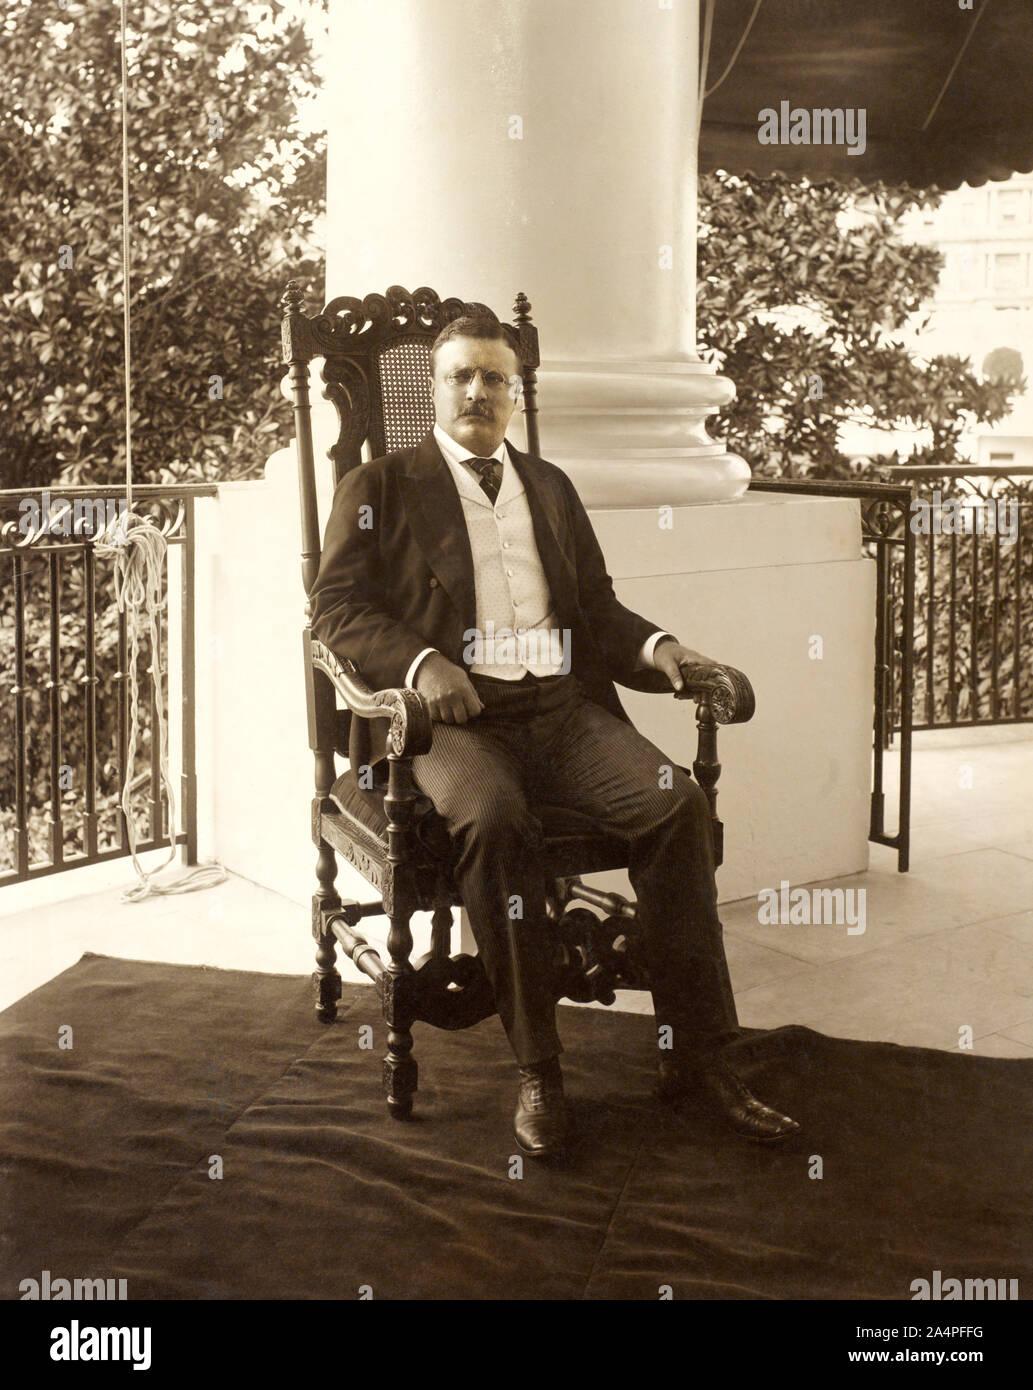 Theodore Roosevelt (1858-1919), 26º Presidente de los Estados Unidos, 1901-09 de longitud completa retrato sentado en el porche, Fotografía por Conrad M. Gilbert, abril de 1904 Foto de stock